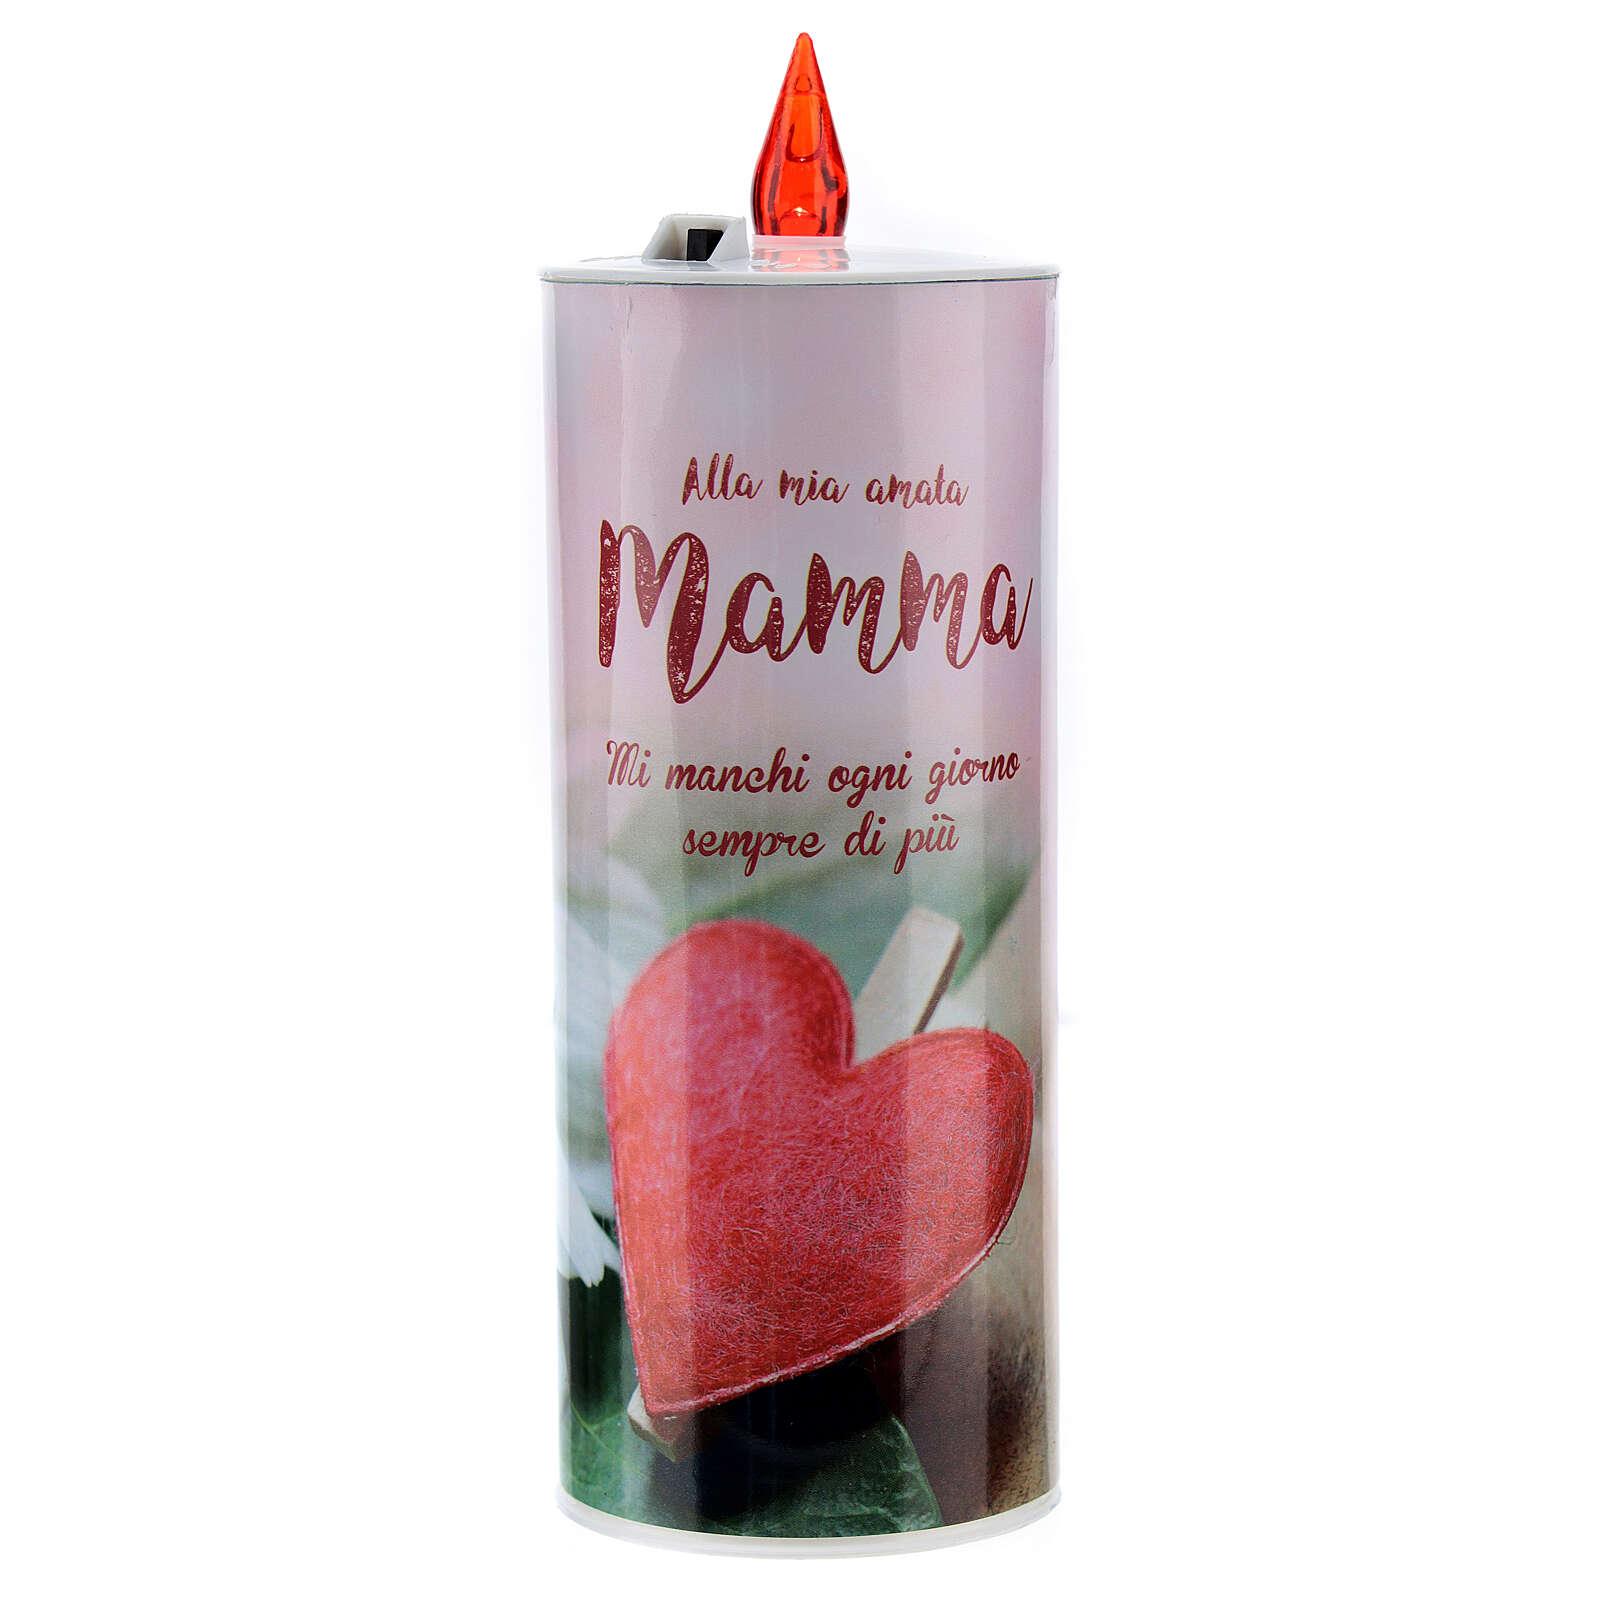 Świeca wotywna led 'Mamma' (Mama) 3